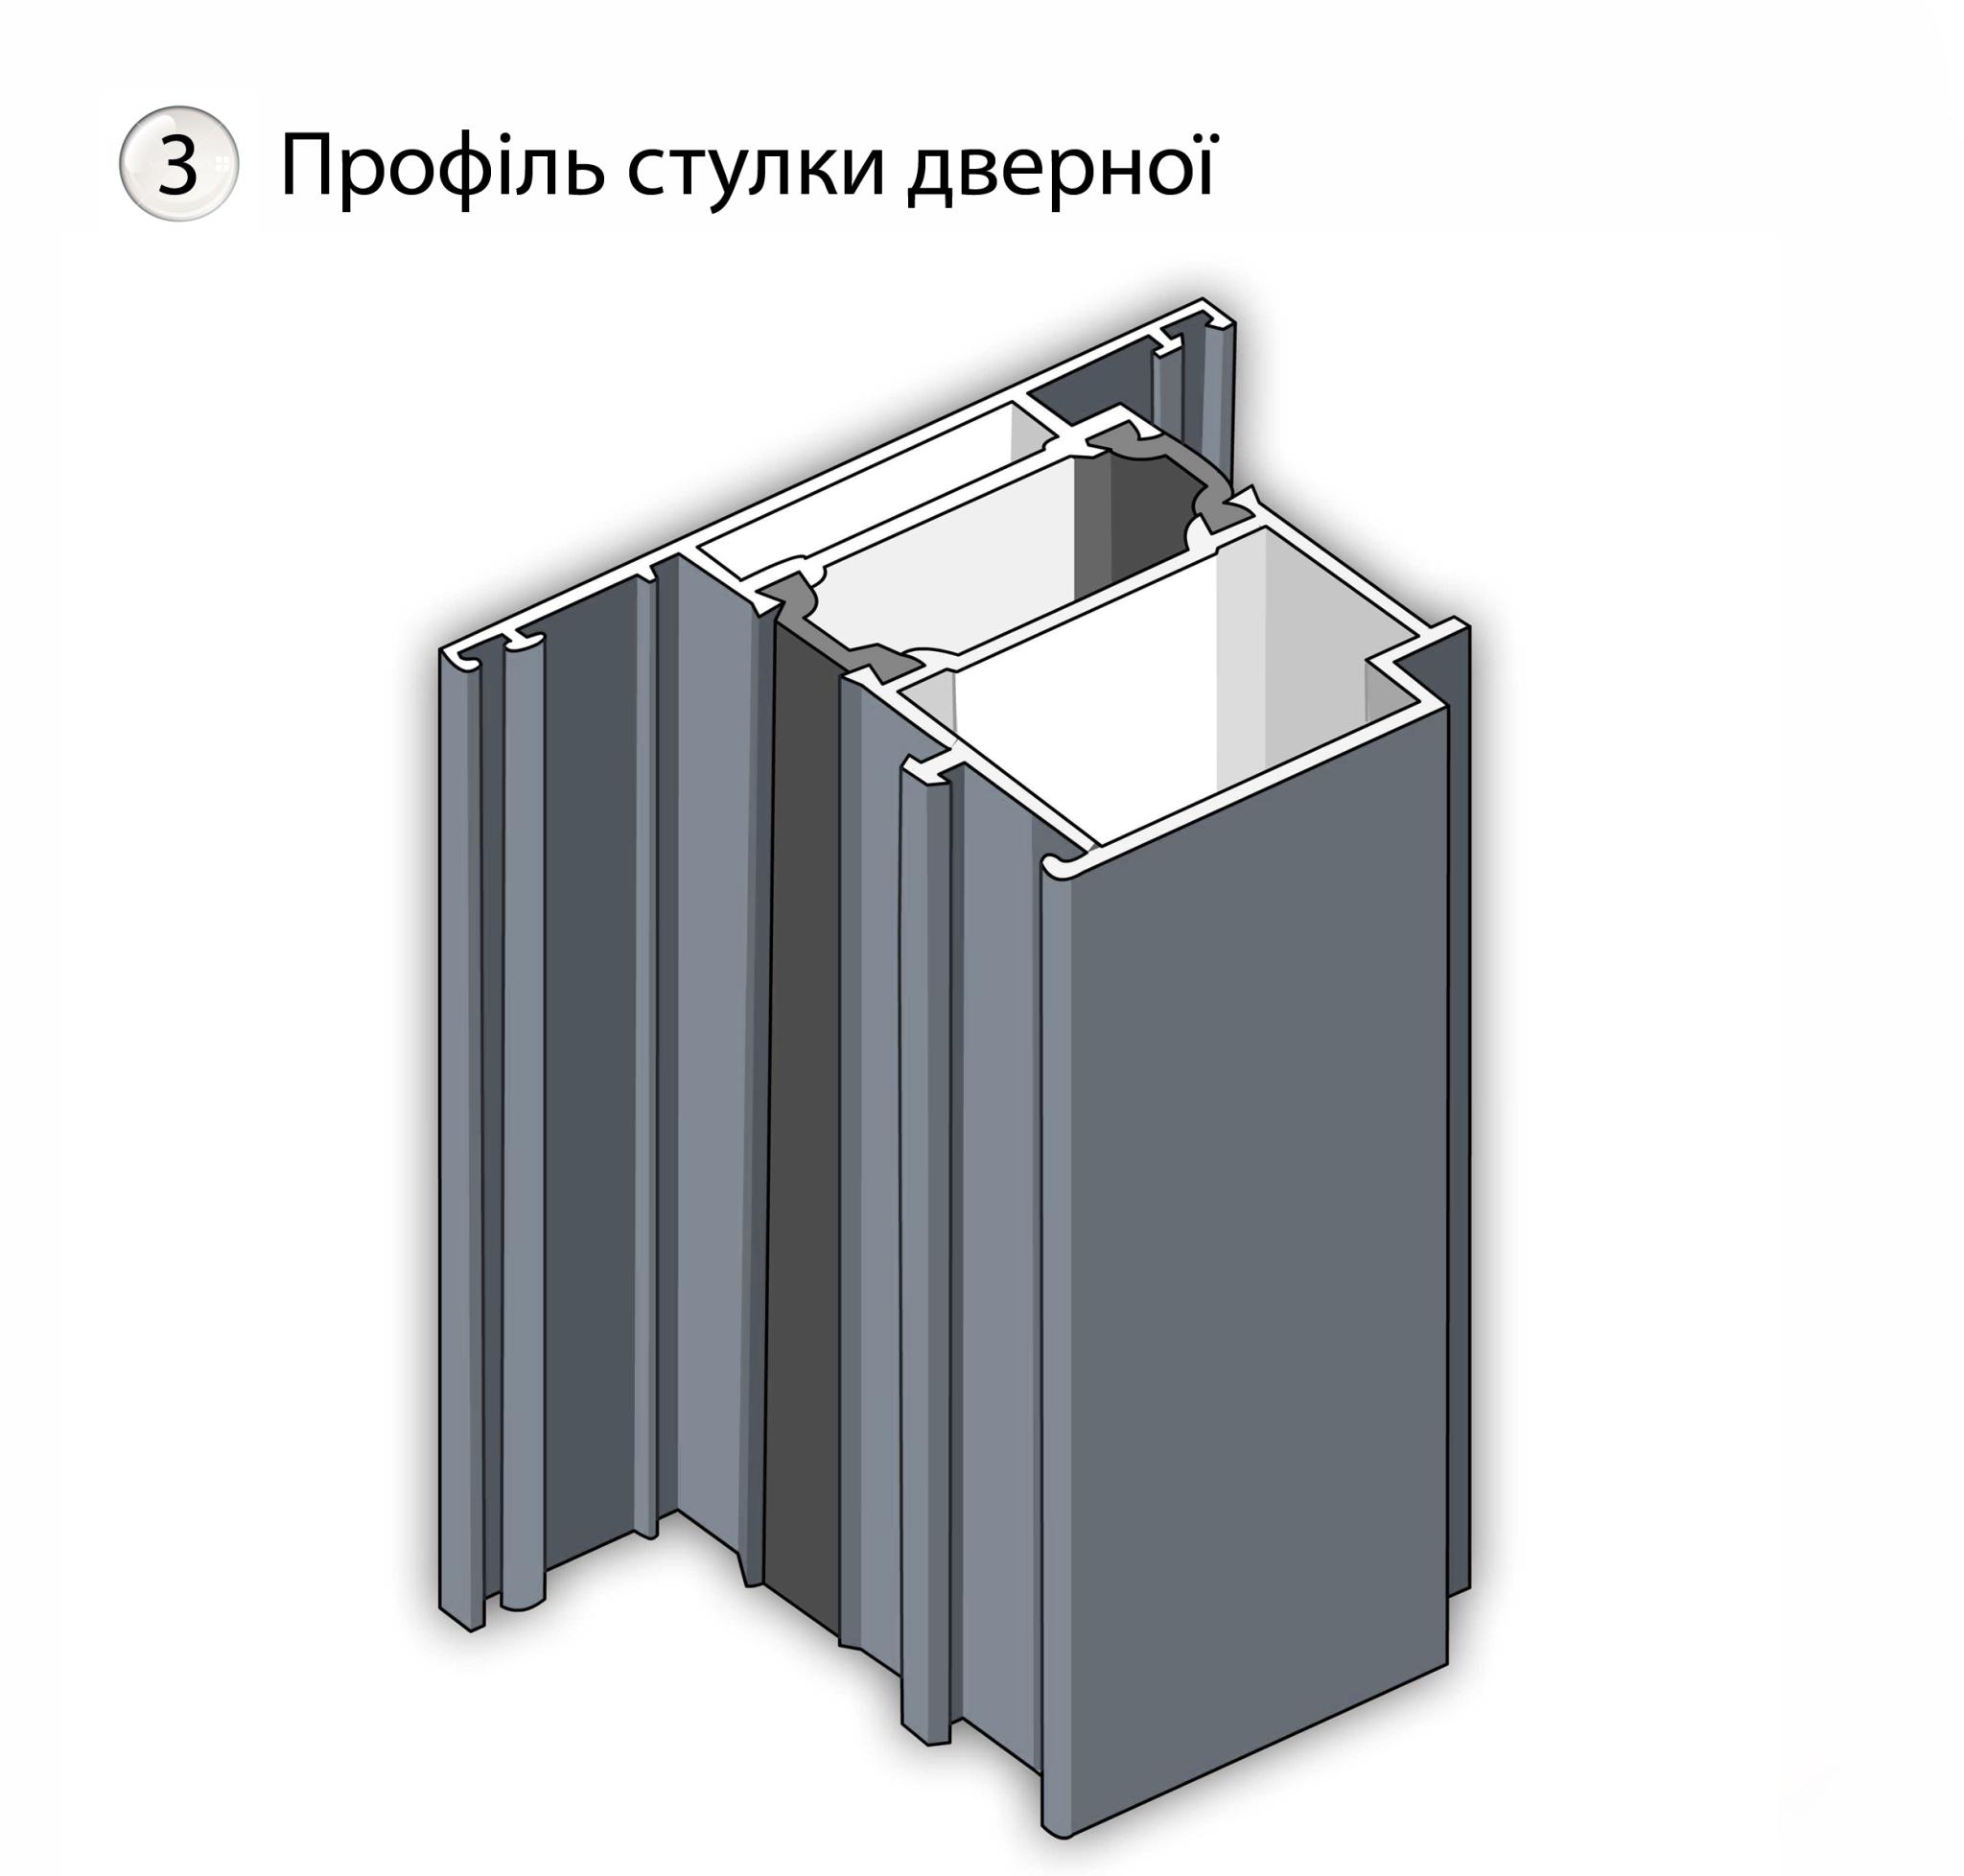 Профіль стулки дверної